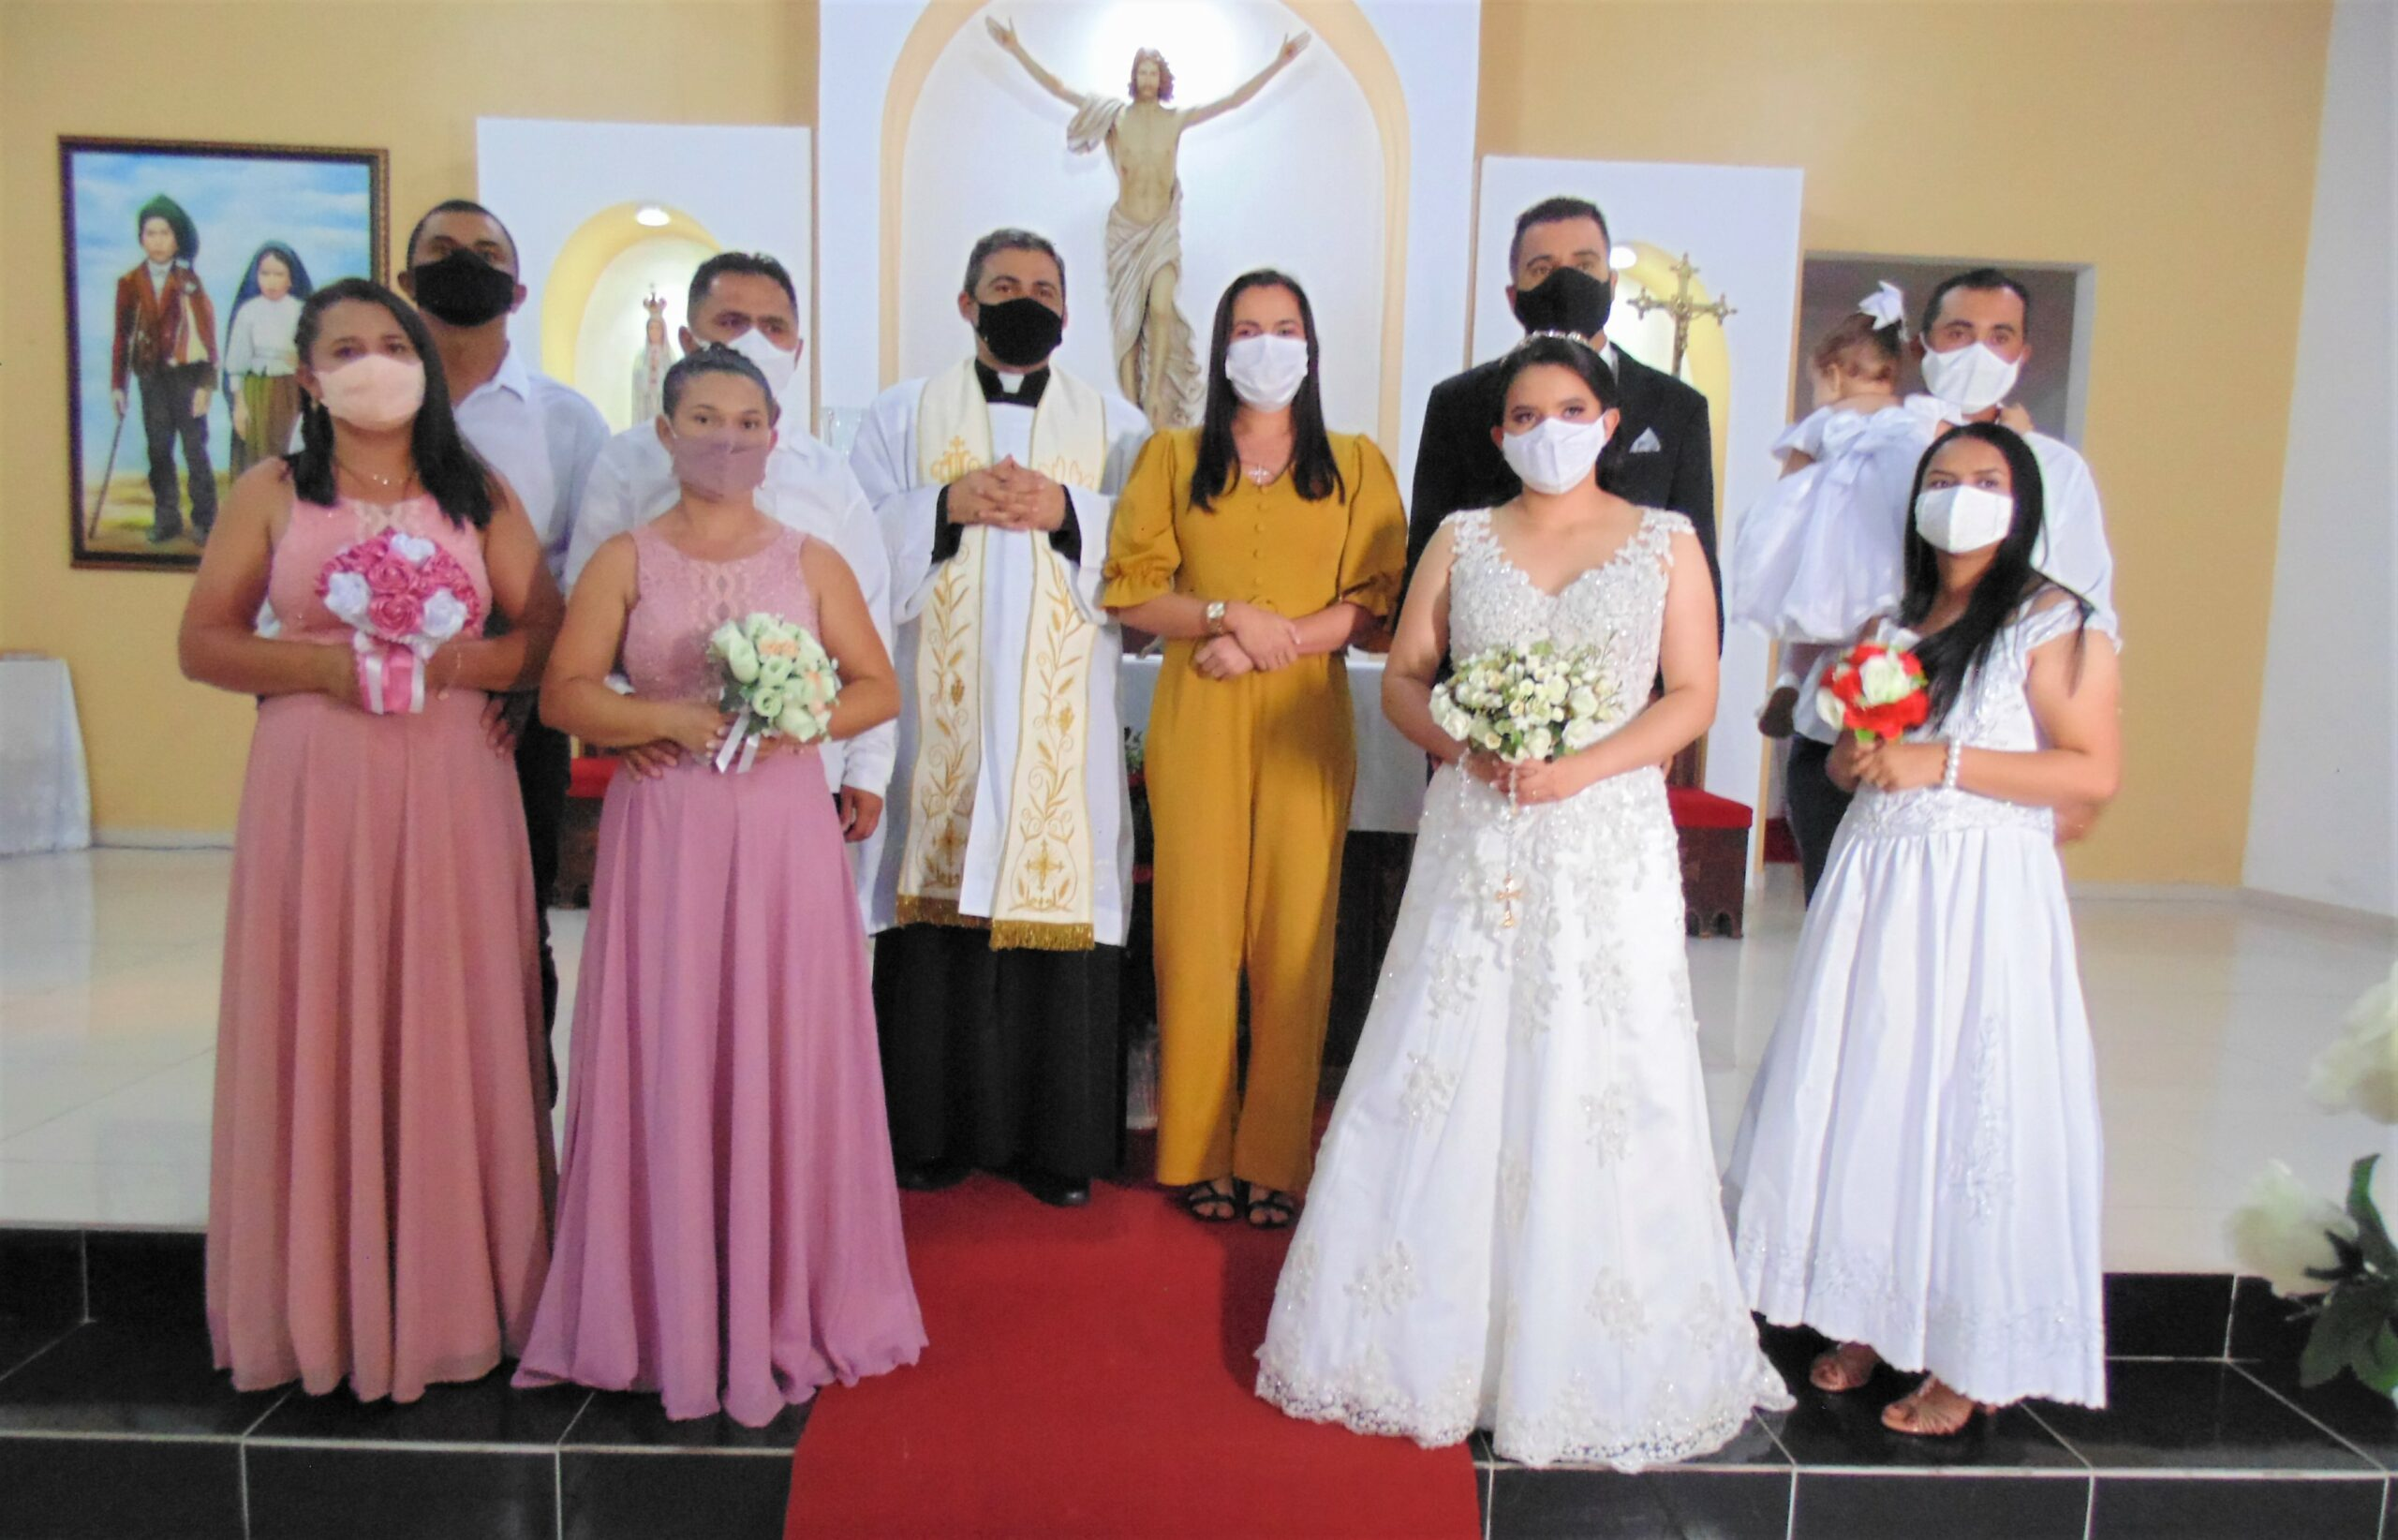 Prefeitura Municipal realiza Casamento Comunitário em parceria com Paróquia Nossa Senhora da Conceição e Santa Rosa de Lima